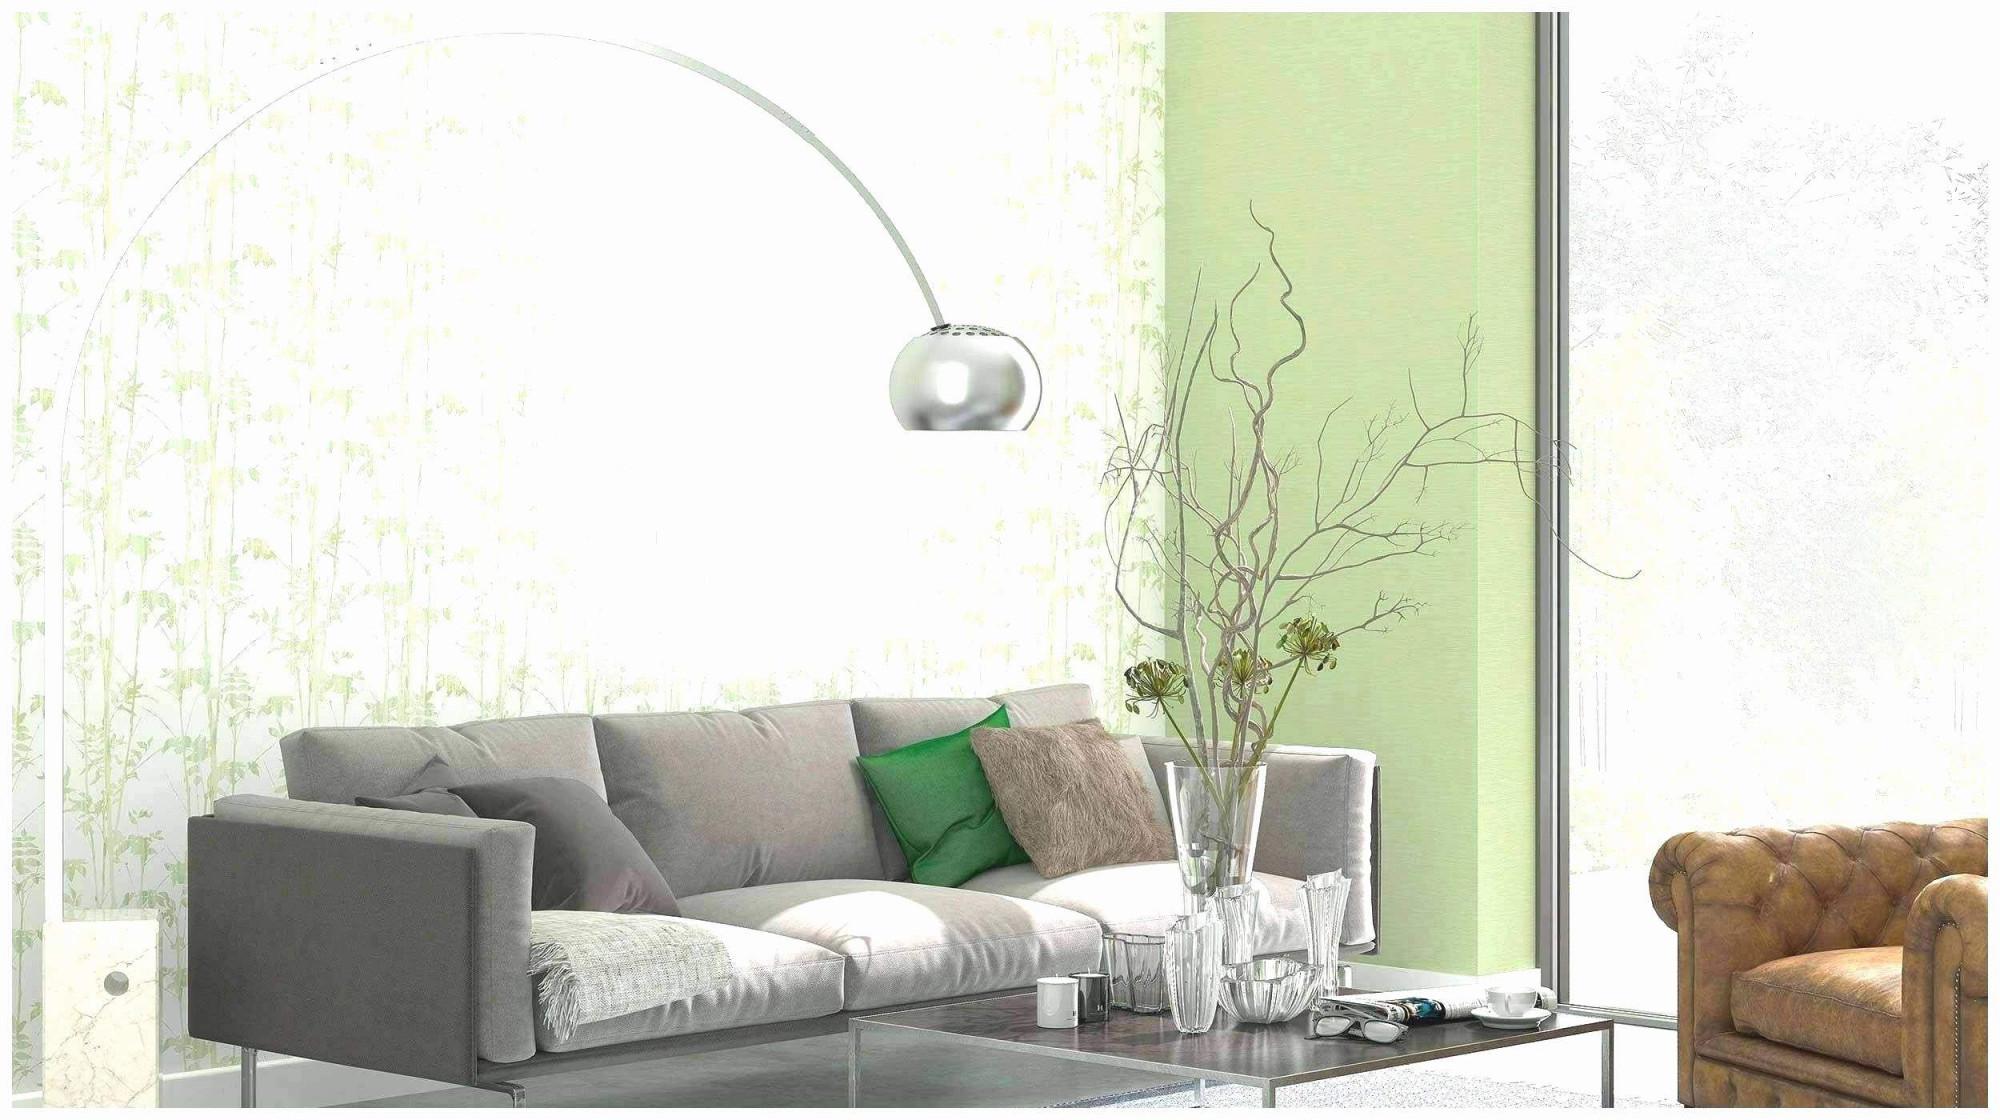 Skandinavisch Wohnzimmer Genial Luxus Skandinavische von Wohnzimmer Lampe Skandinavisch Photo